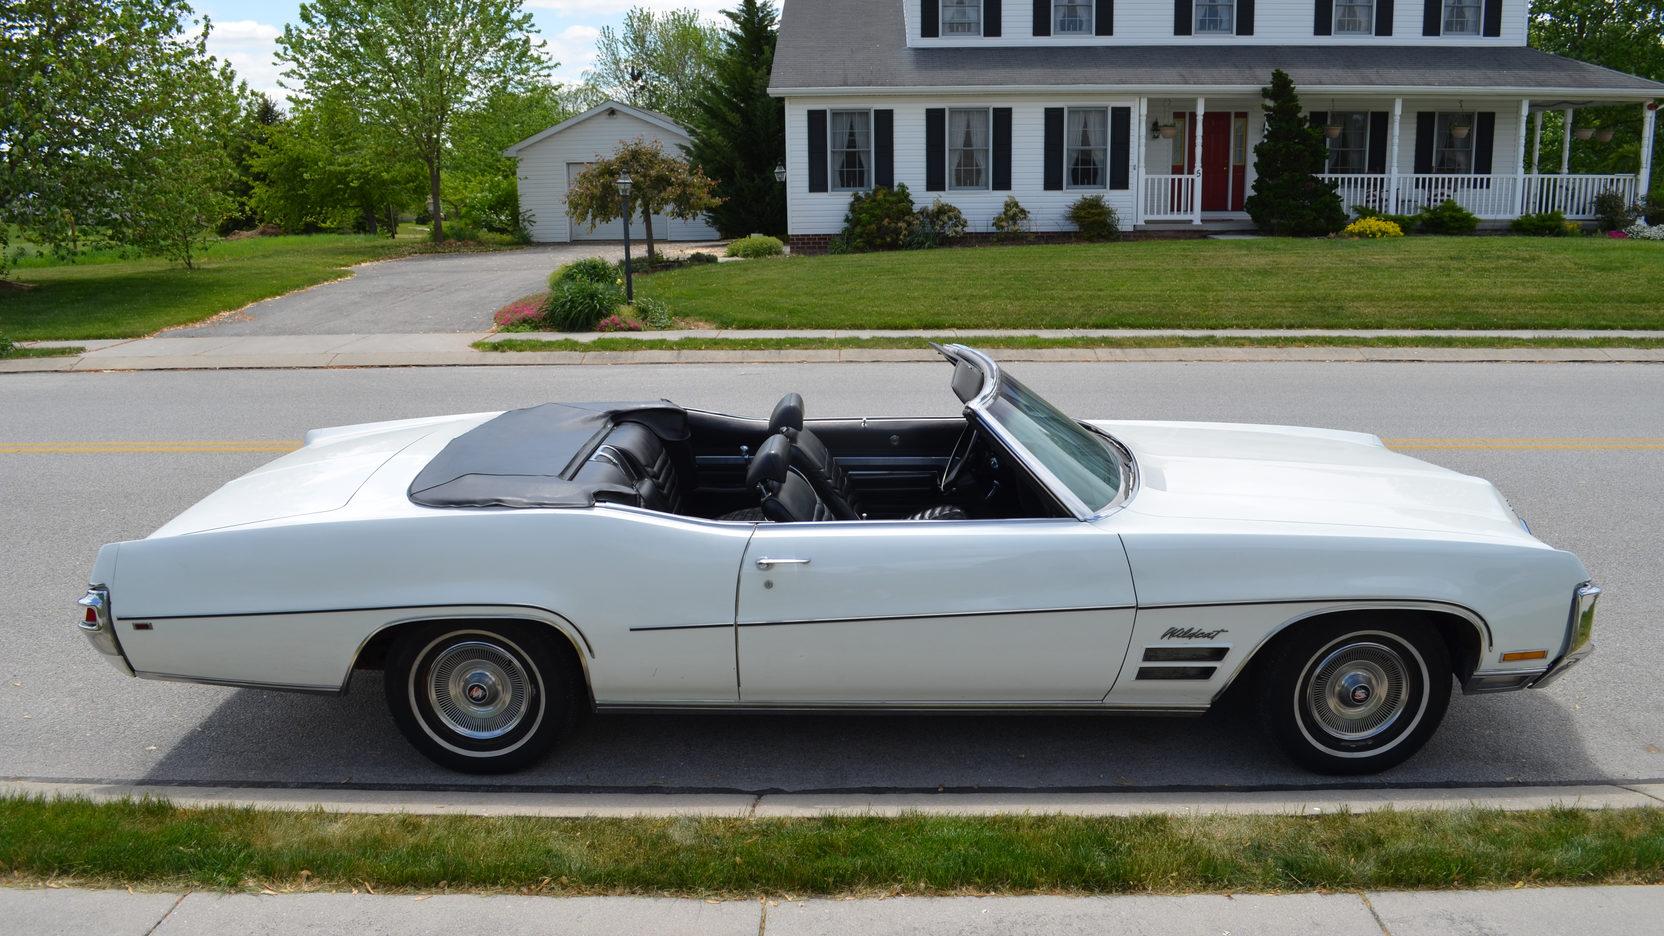 1970 Buick Wildcat top down side